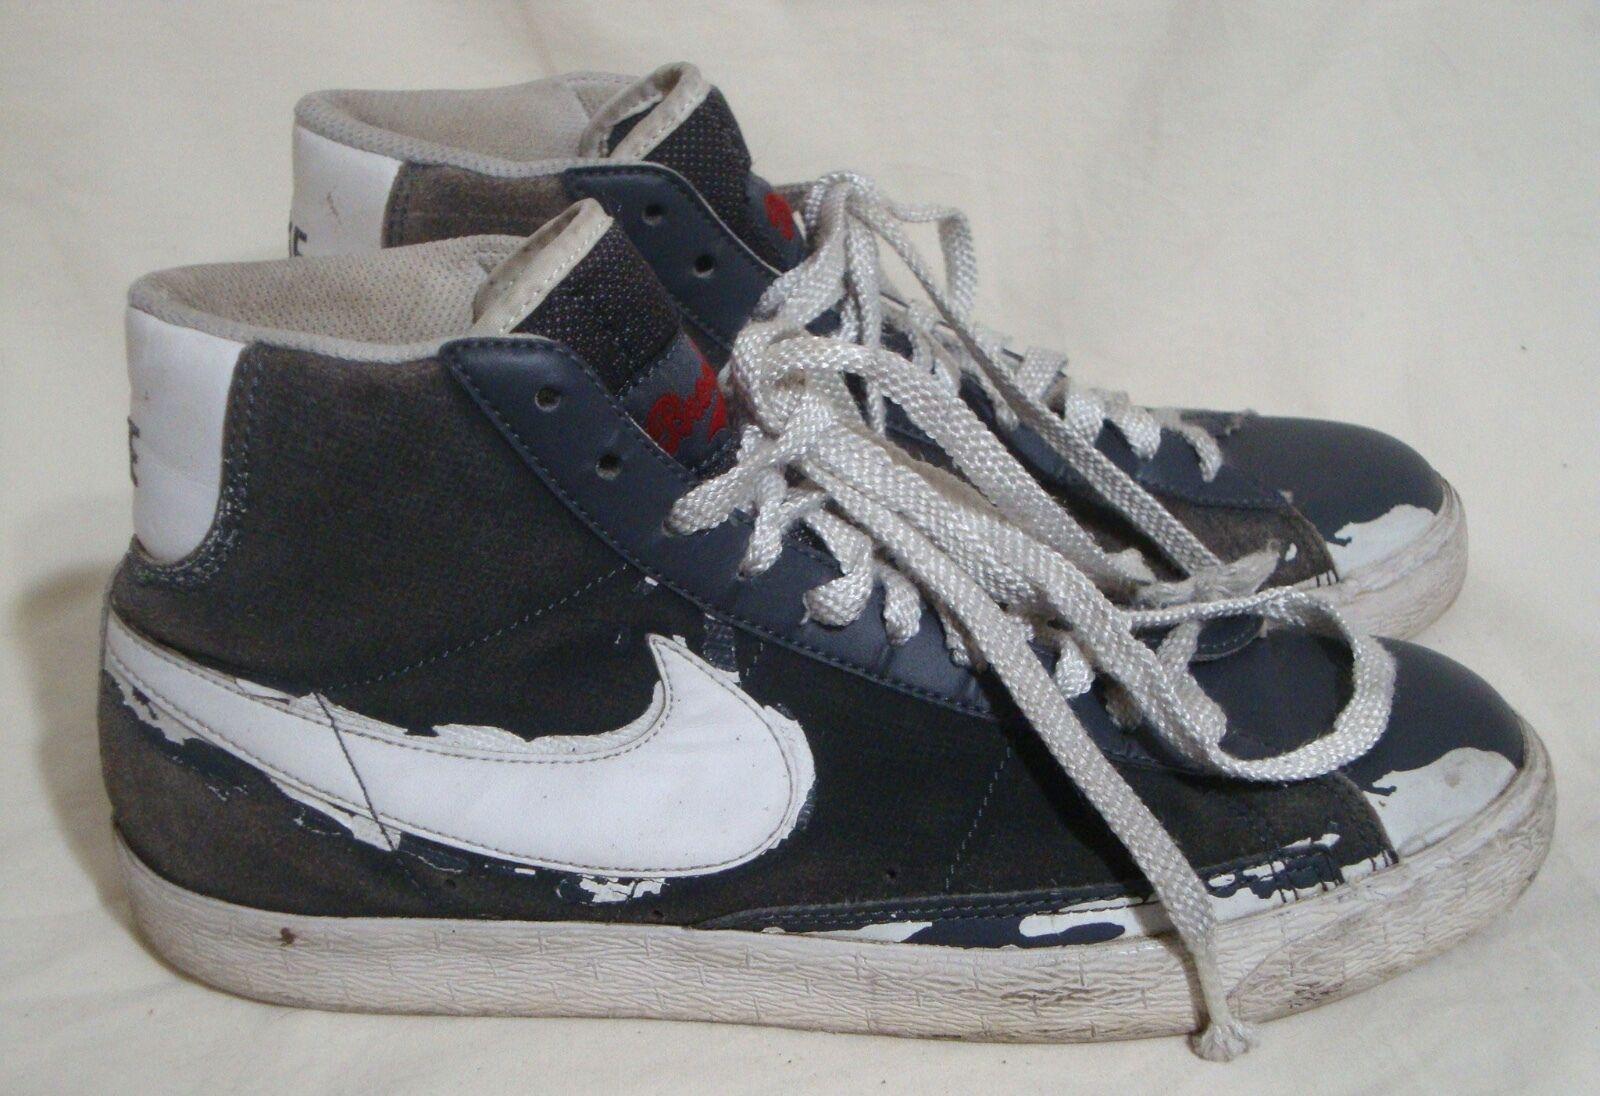 sports shoes e4bd8 d3987 Jackie Robinson zapatillas Nike gamuza zapatos de gamuza Nike tobillo  Brooklyn Dodgers Gris hombres el último descuento zapatos para hombres y  mujeres ...